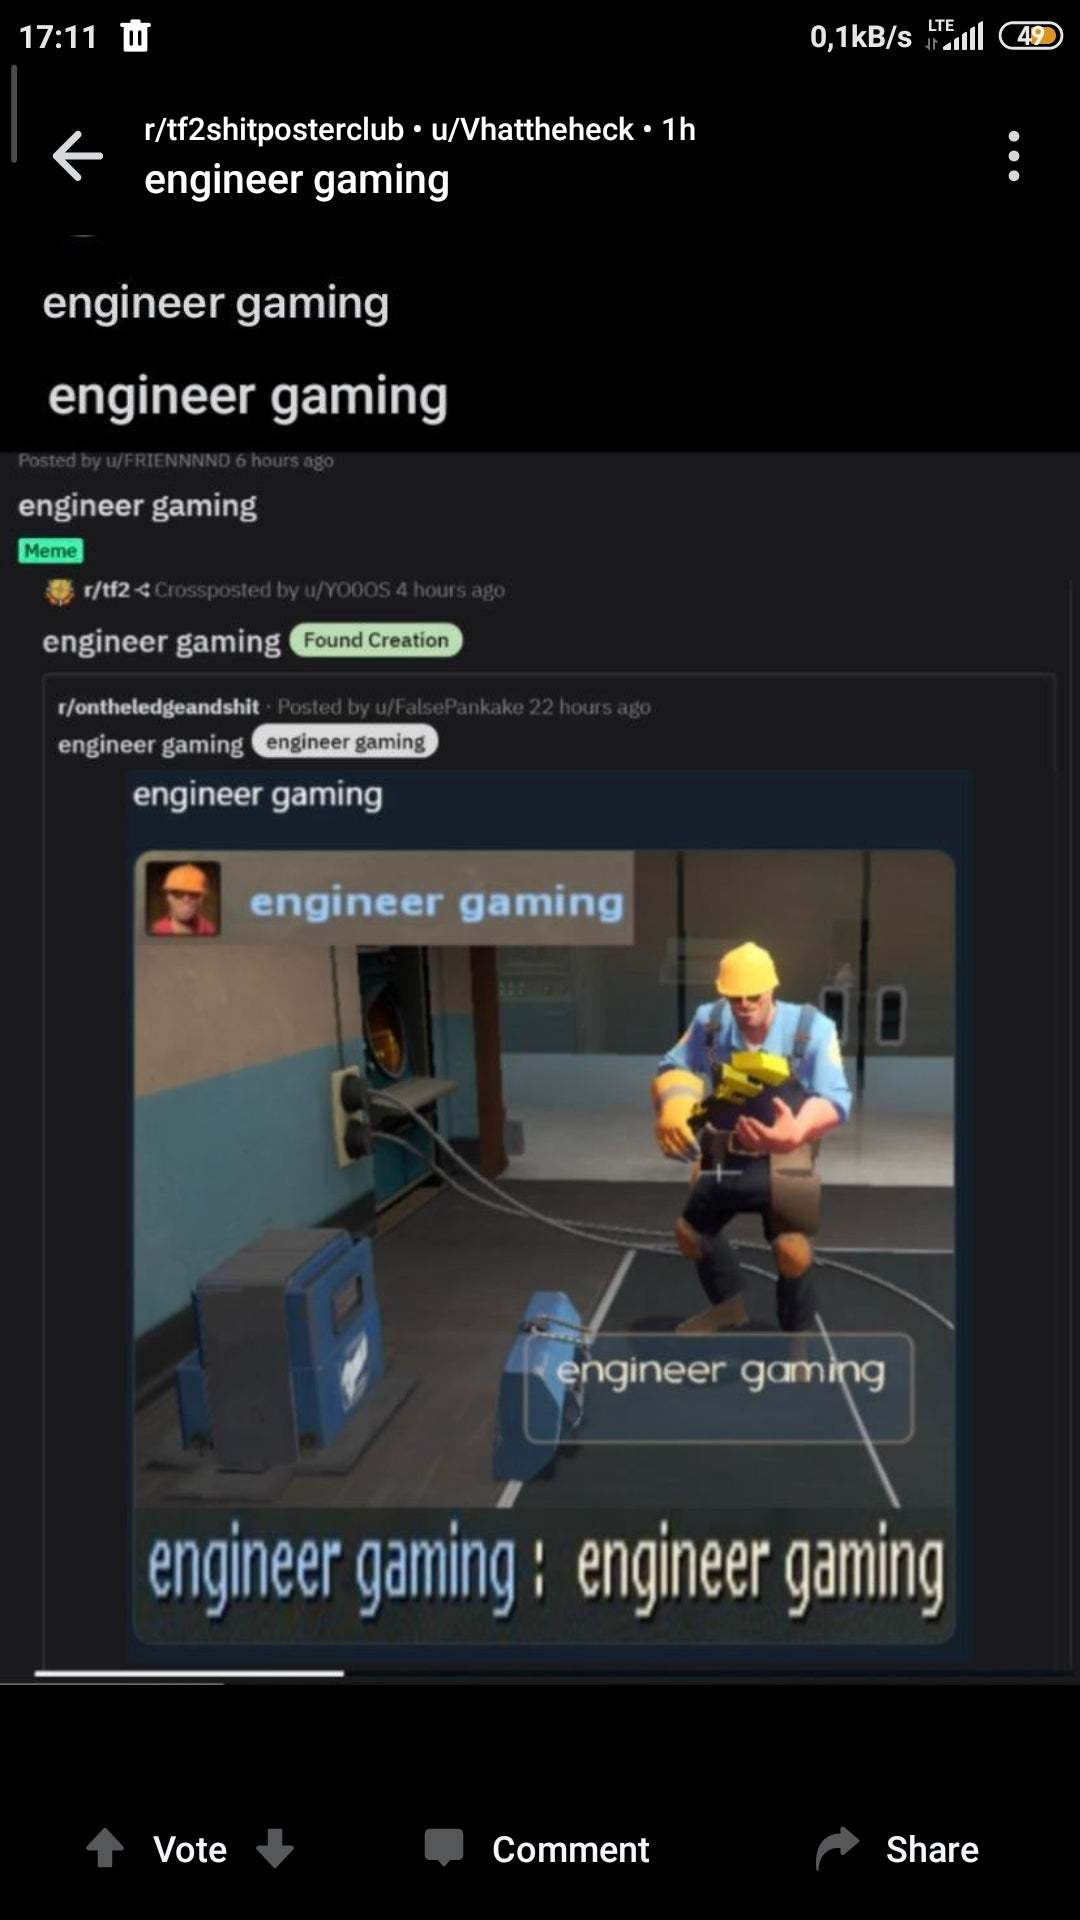 engineer gaming - meme